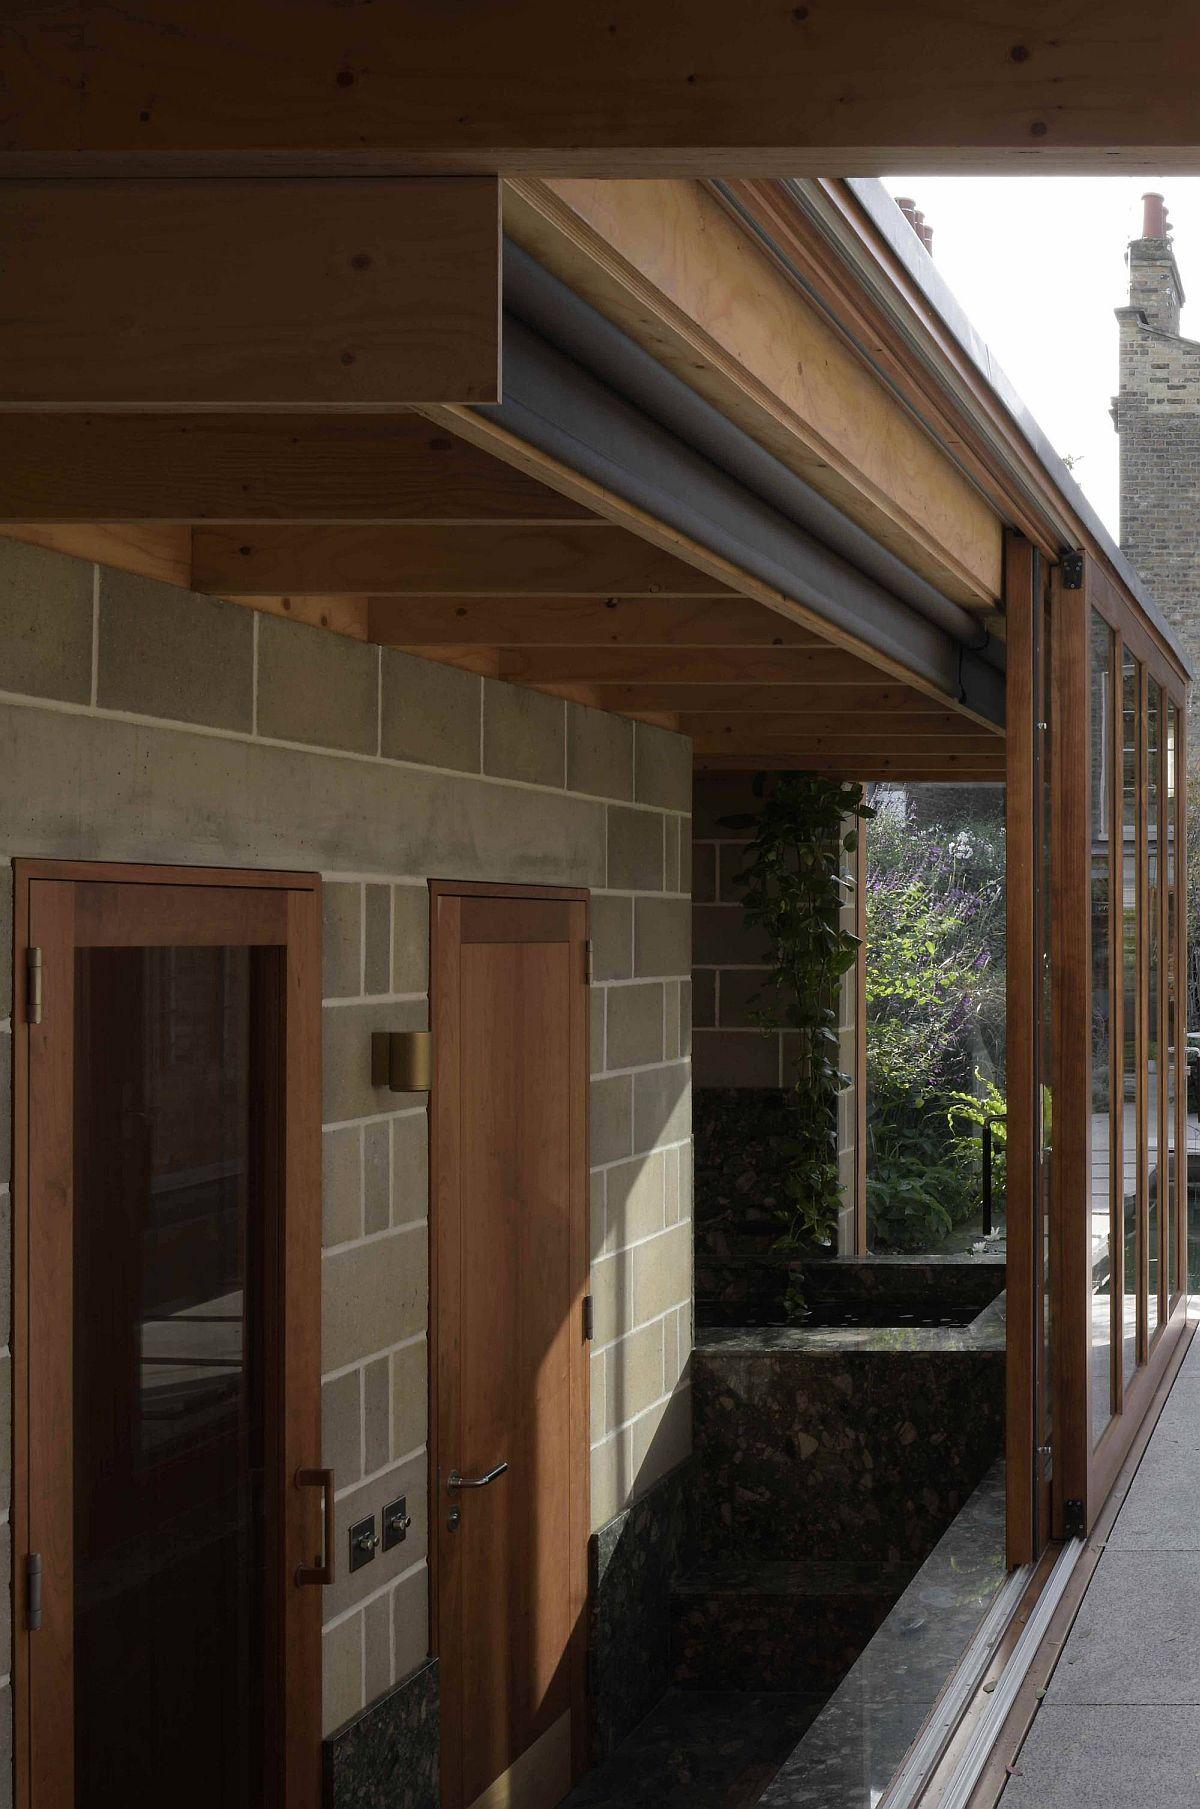 Structure de toit en bois d'ingénierie associée à des murs en parpaings pour la salle de jardin